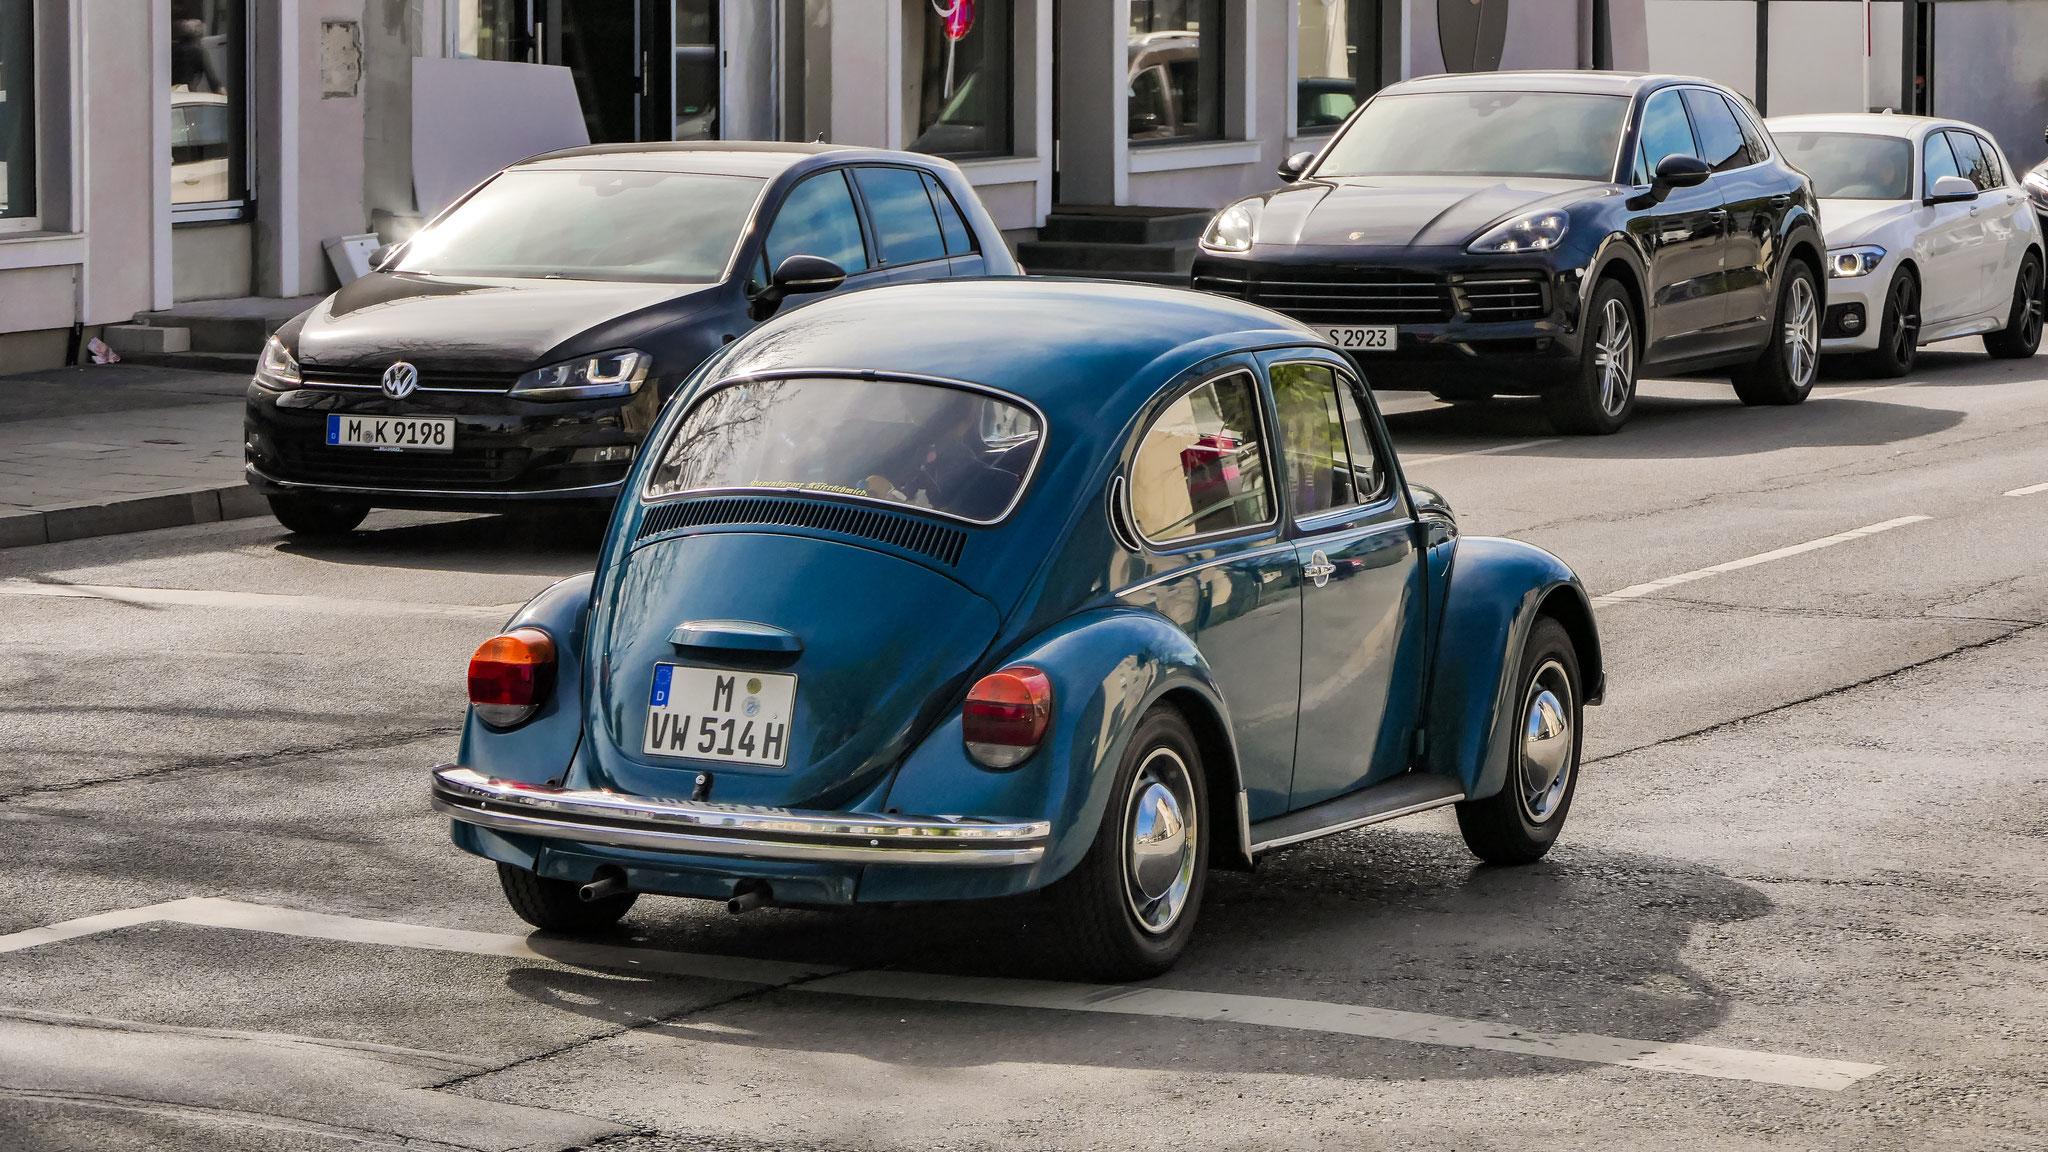 VW Käfer - M-VW-514H